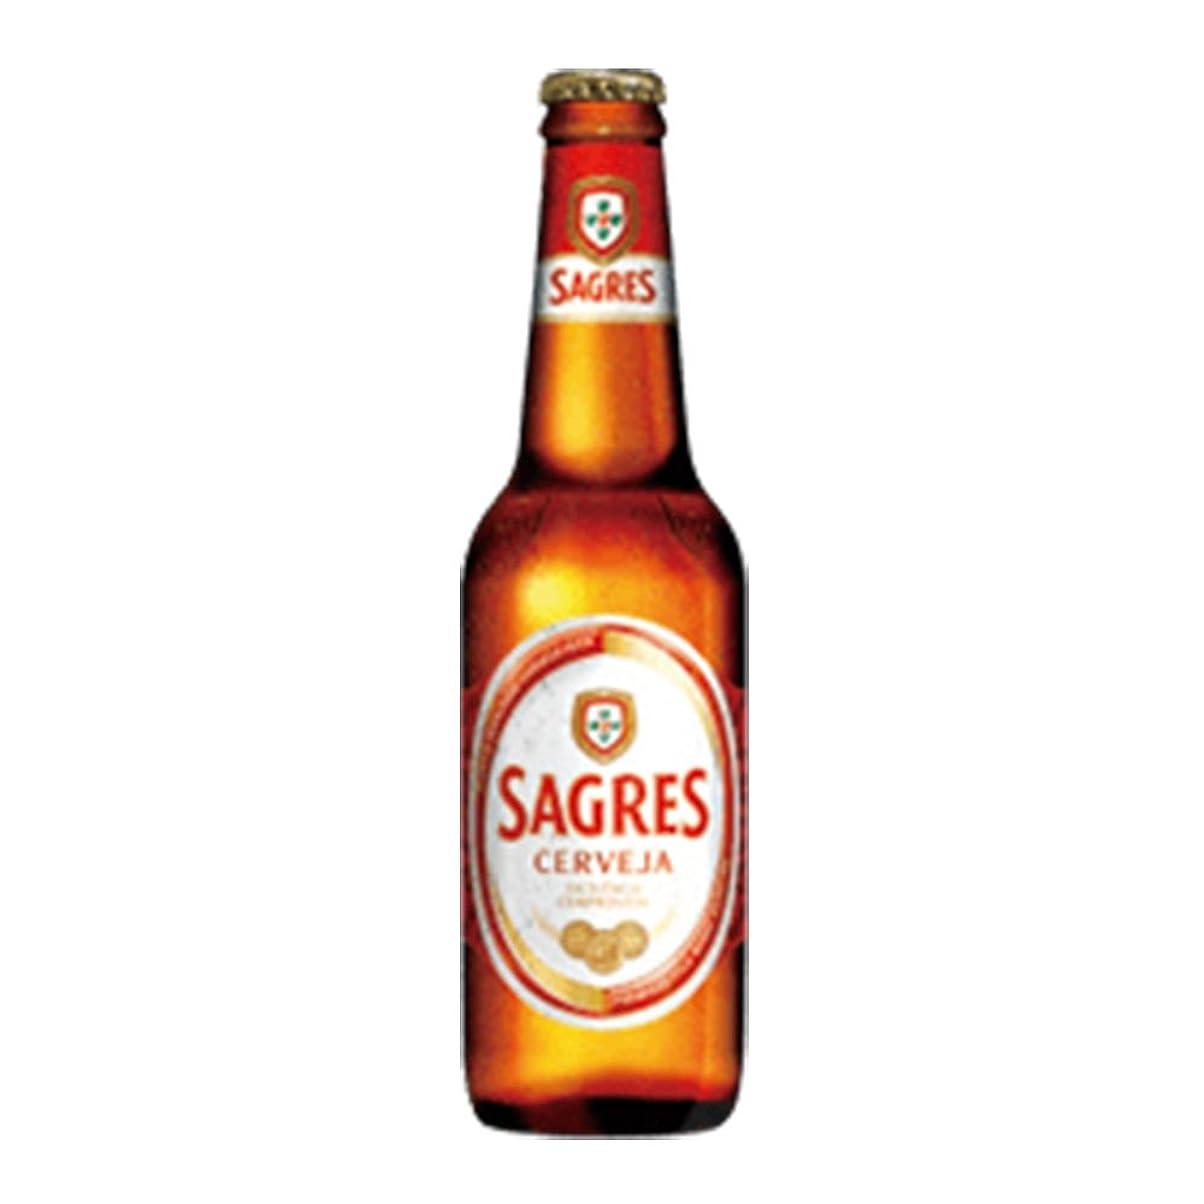 セブンマイクロフォンわずかにサグレス 5度 330ml 24本セット(1ケース) 瓶 ポルトガル ビール [並行輸入品]